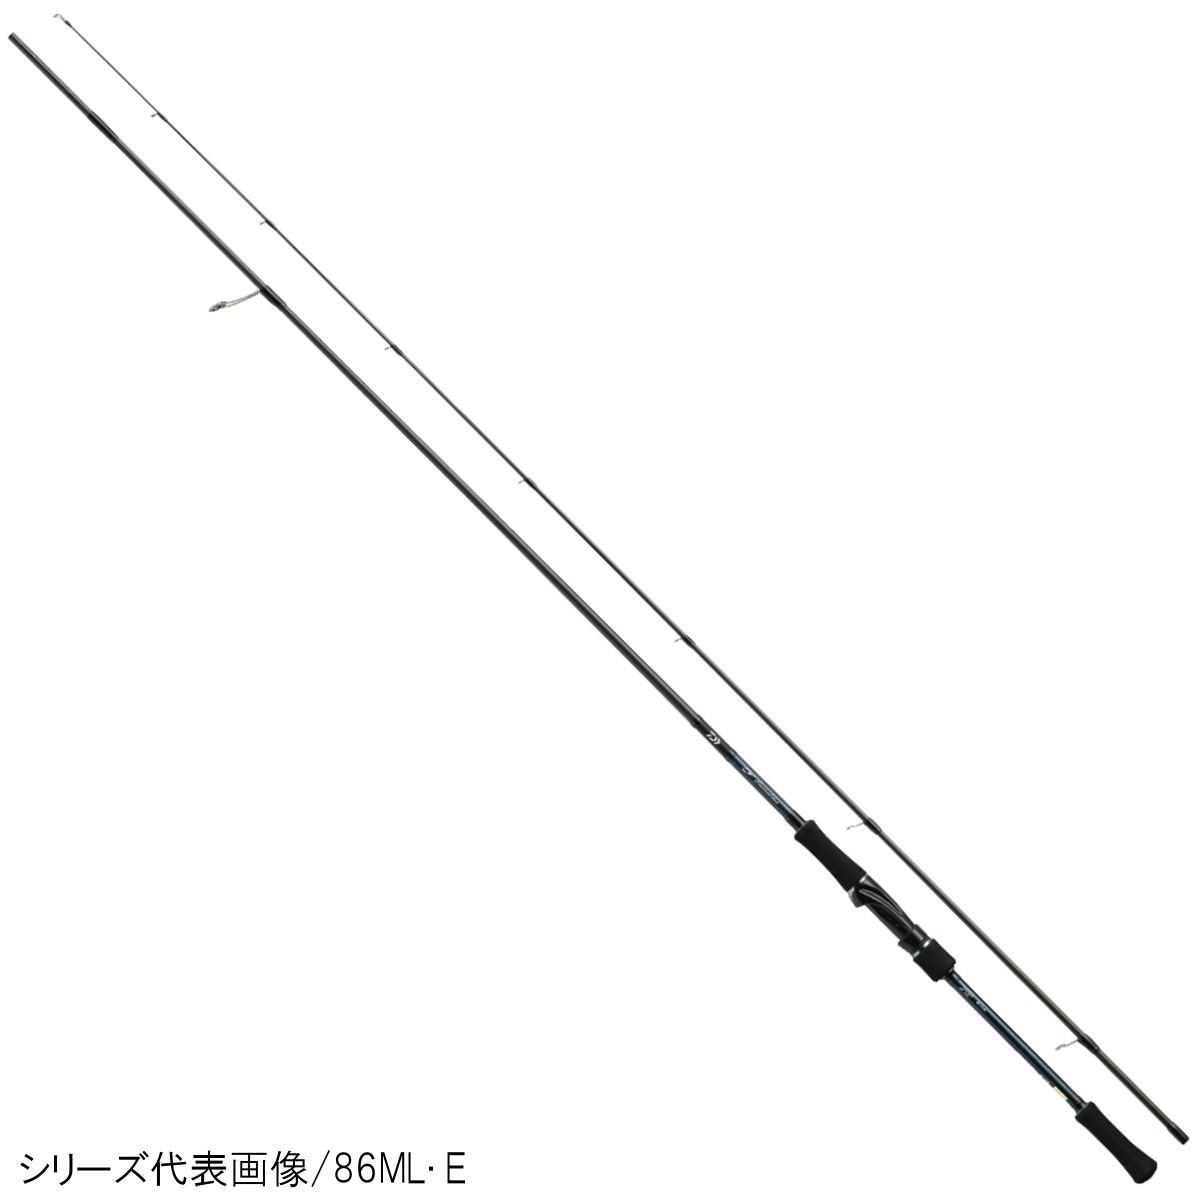 ダイワ エメラルダス MX(アウトガイドモデル) 83M・E